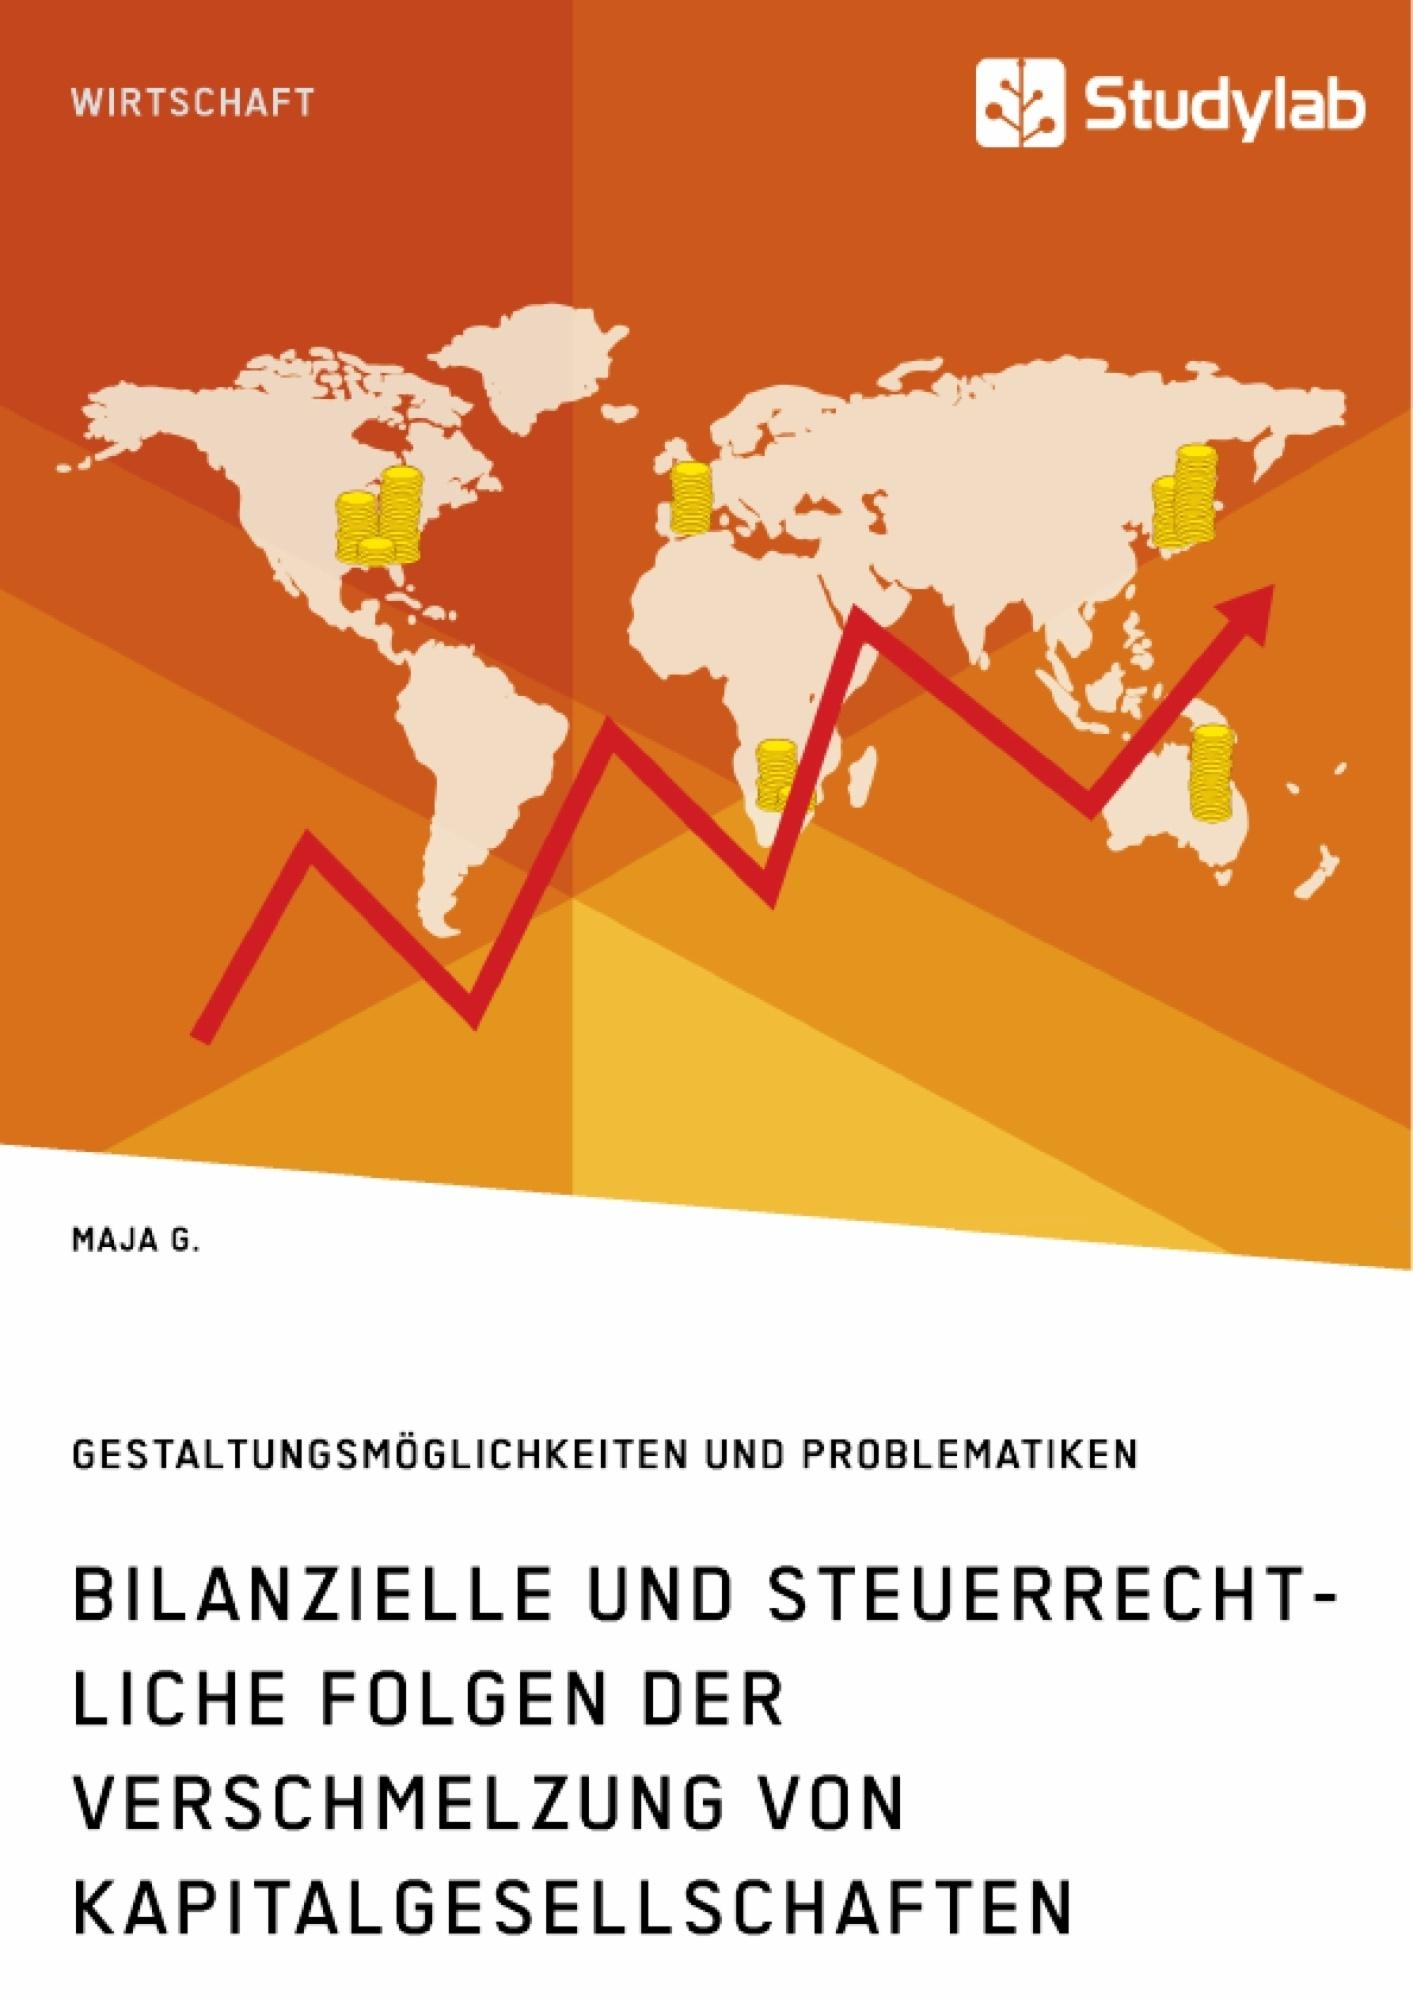 Titel: Bilanzielle und steuerrechtliche Folgen der Verschmelzung von Kapitalgesellschaften